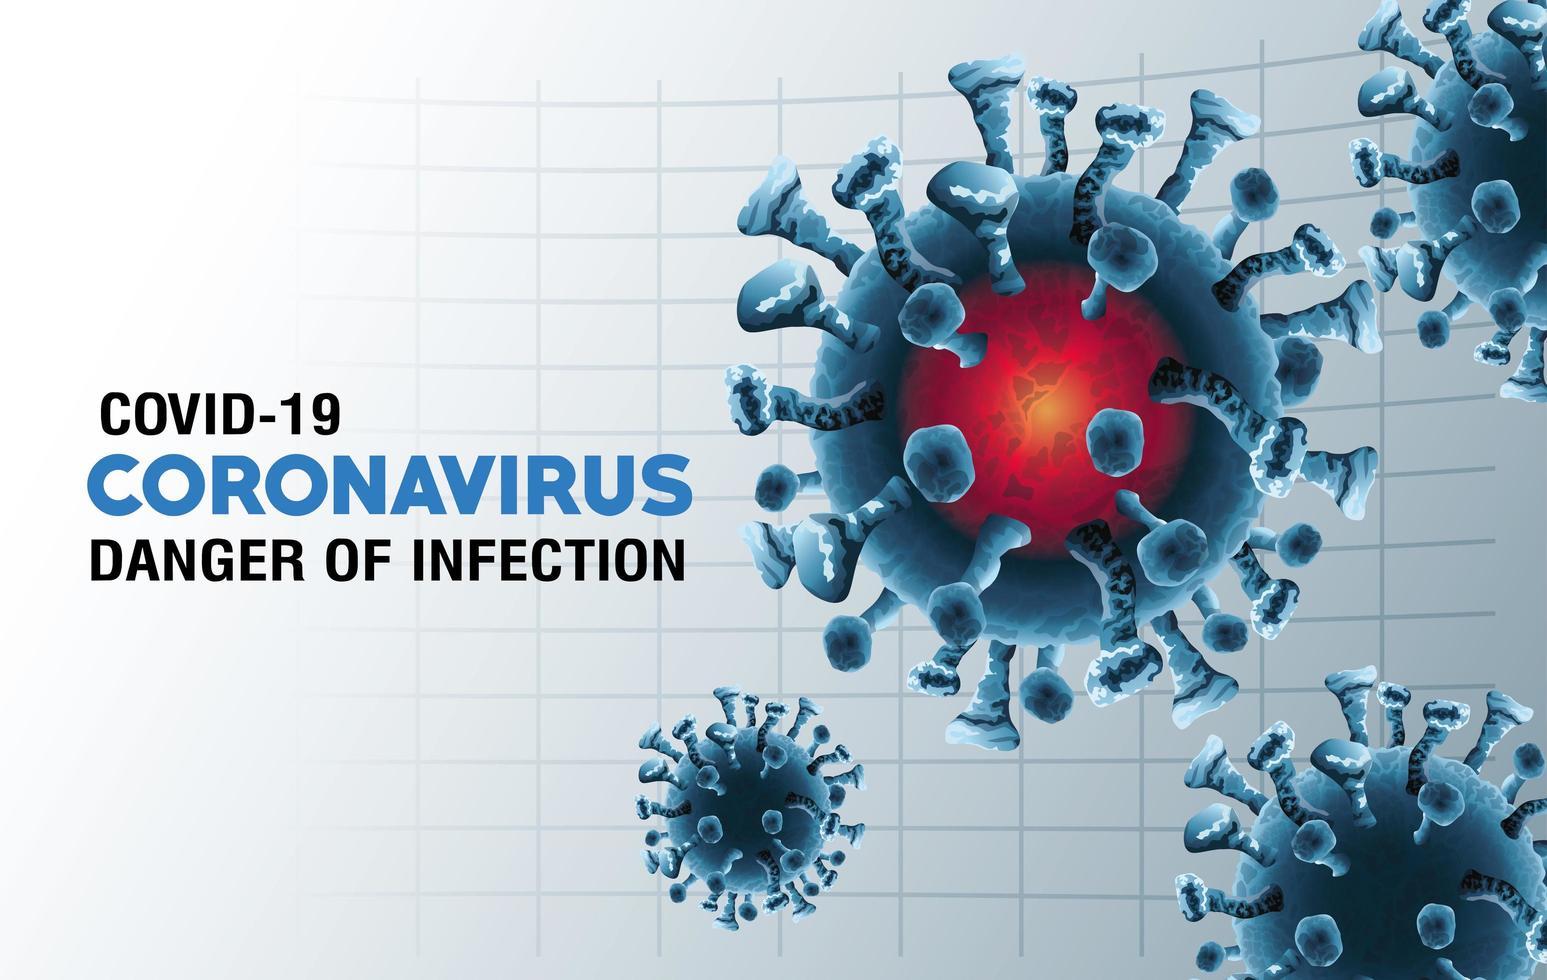 particules pandémiques de covid-19 vecteur